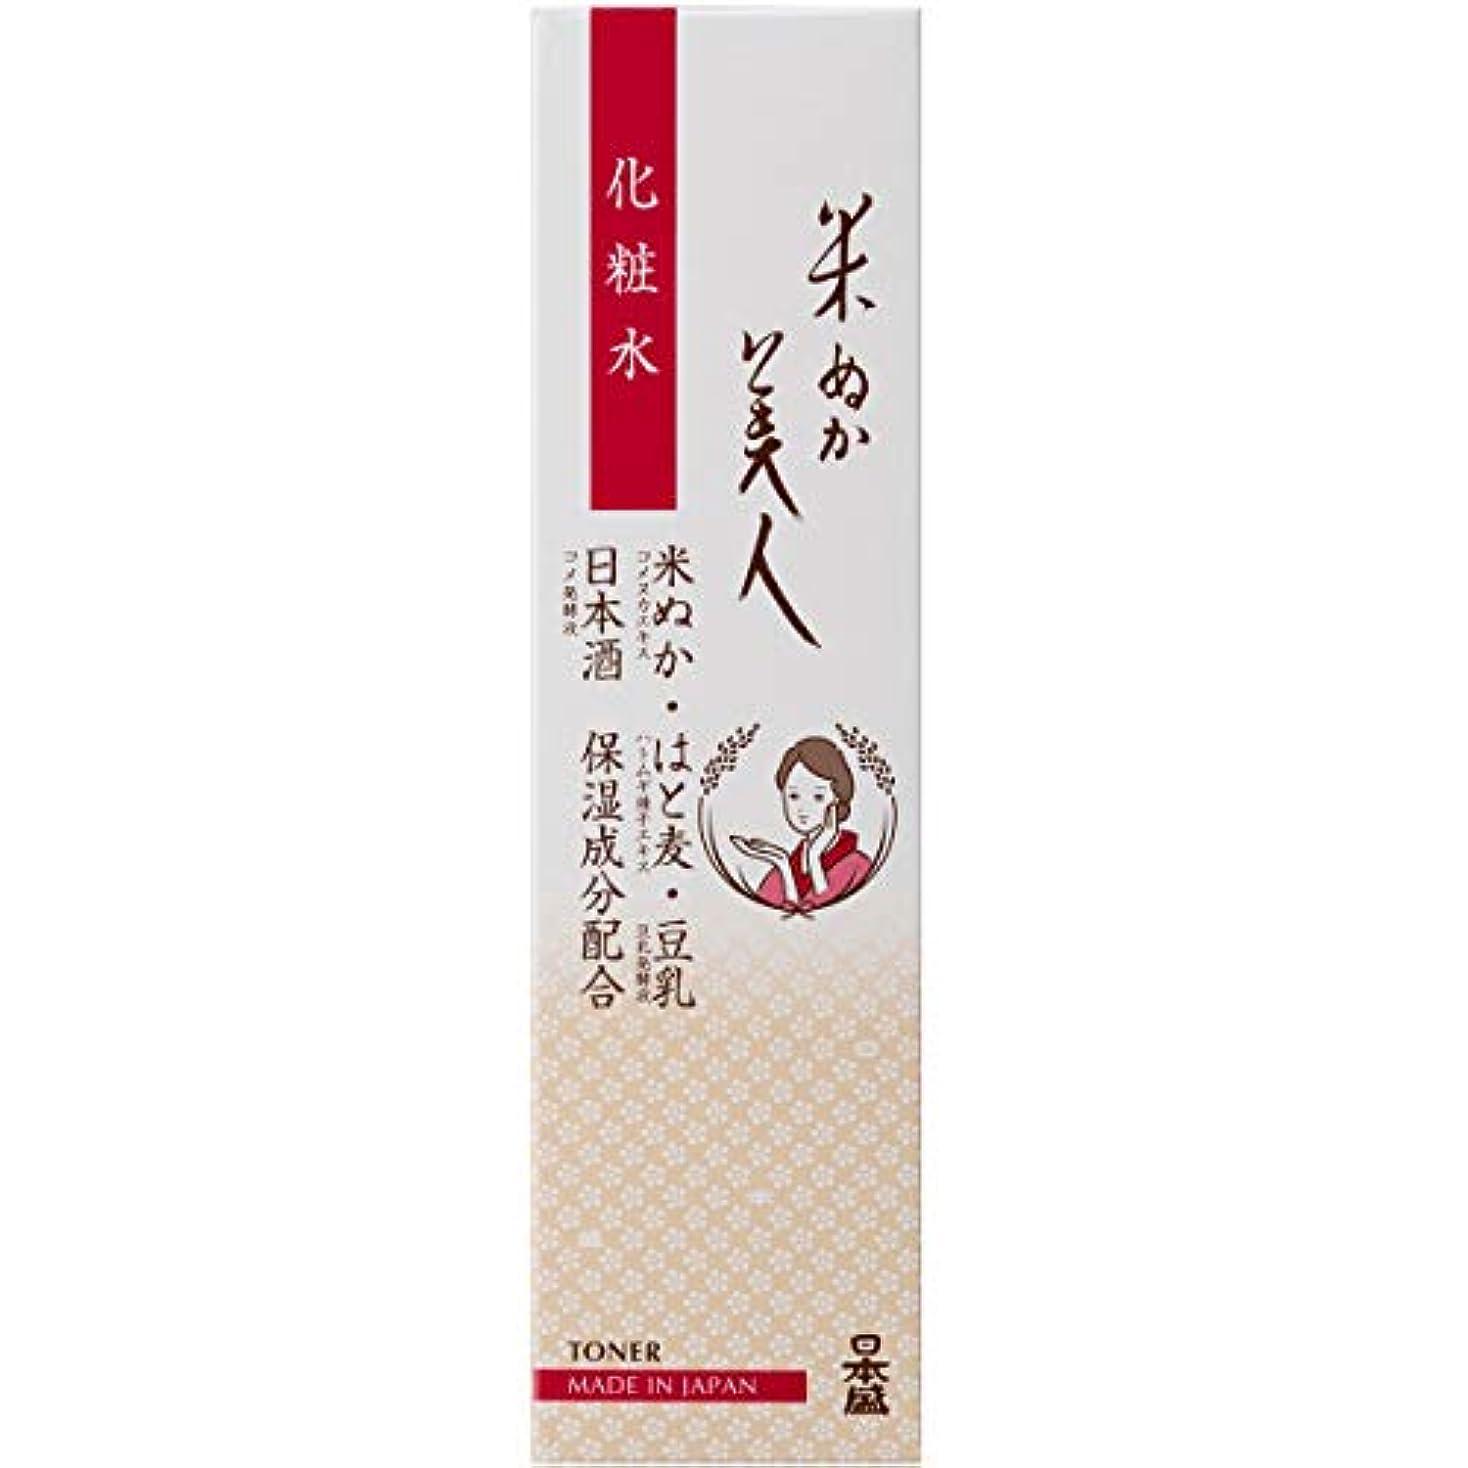 主婦必要とする上げる日本盛 米ぬか美人 化粧水 200mL(無香料 無着色 弱酸性)